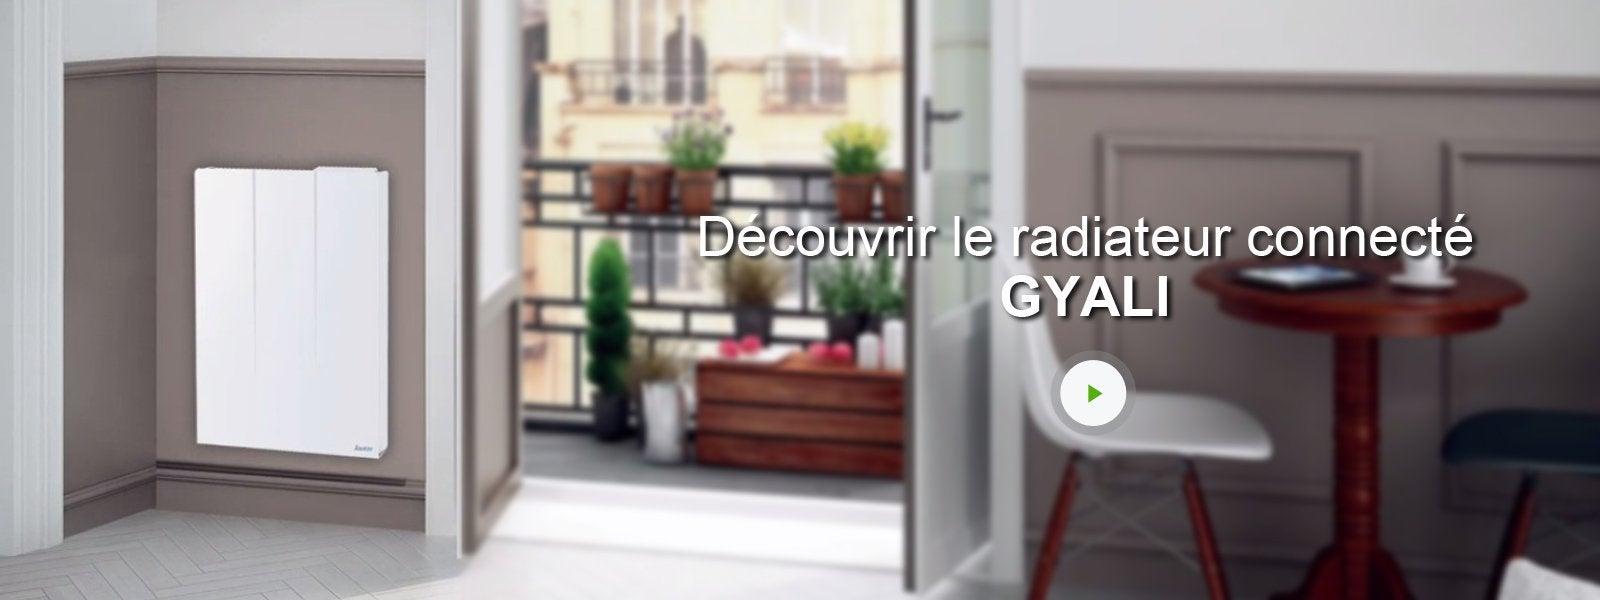 Radiateur Lectrique Connect Inertie Pierre Sauter Gyali 2000 W